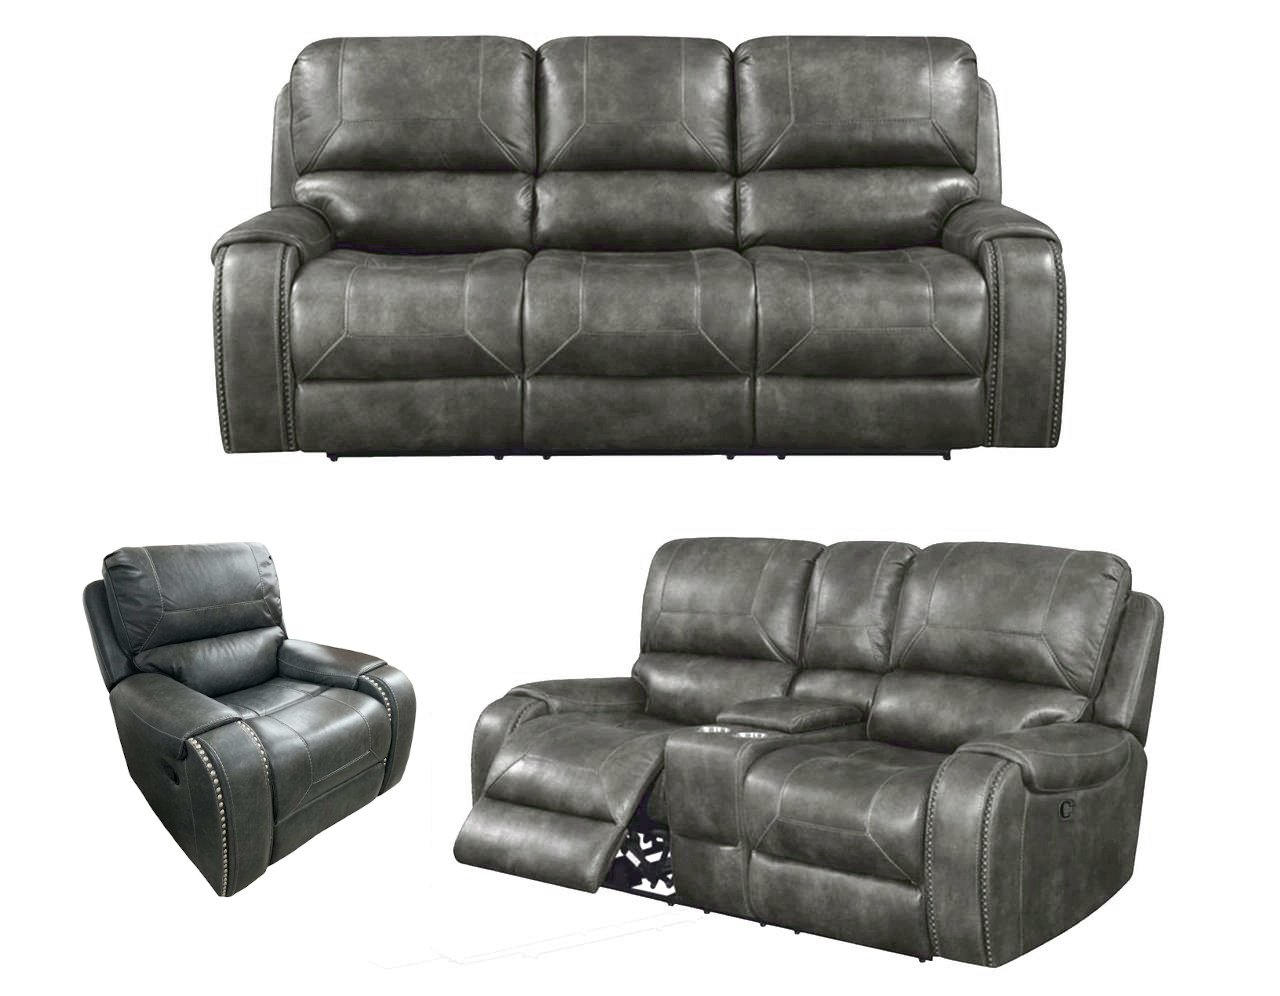 69503 Reclining Living Room Set